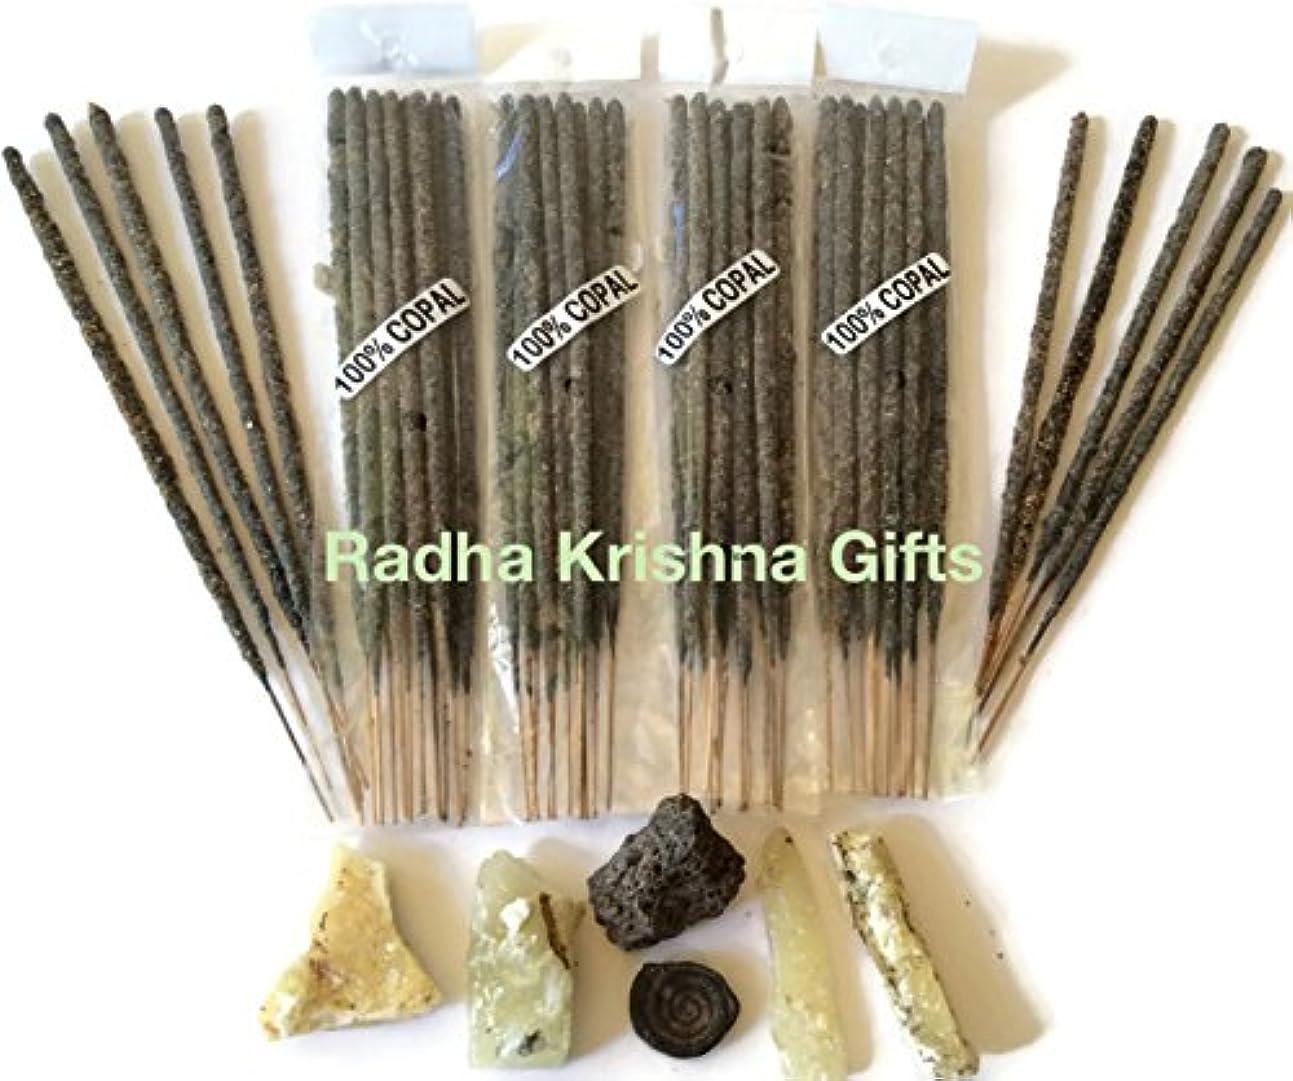 時代遅れ再生可能懸念Mexican Copal Incense, 4 Bags with 10 Sticks Each. Handmade in Mexico with Grey Copal Resin.